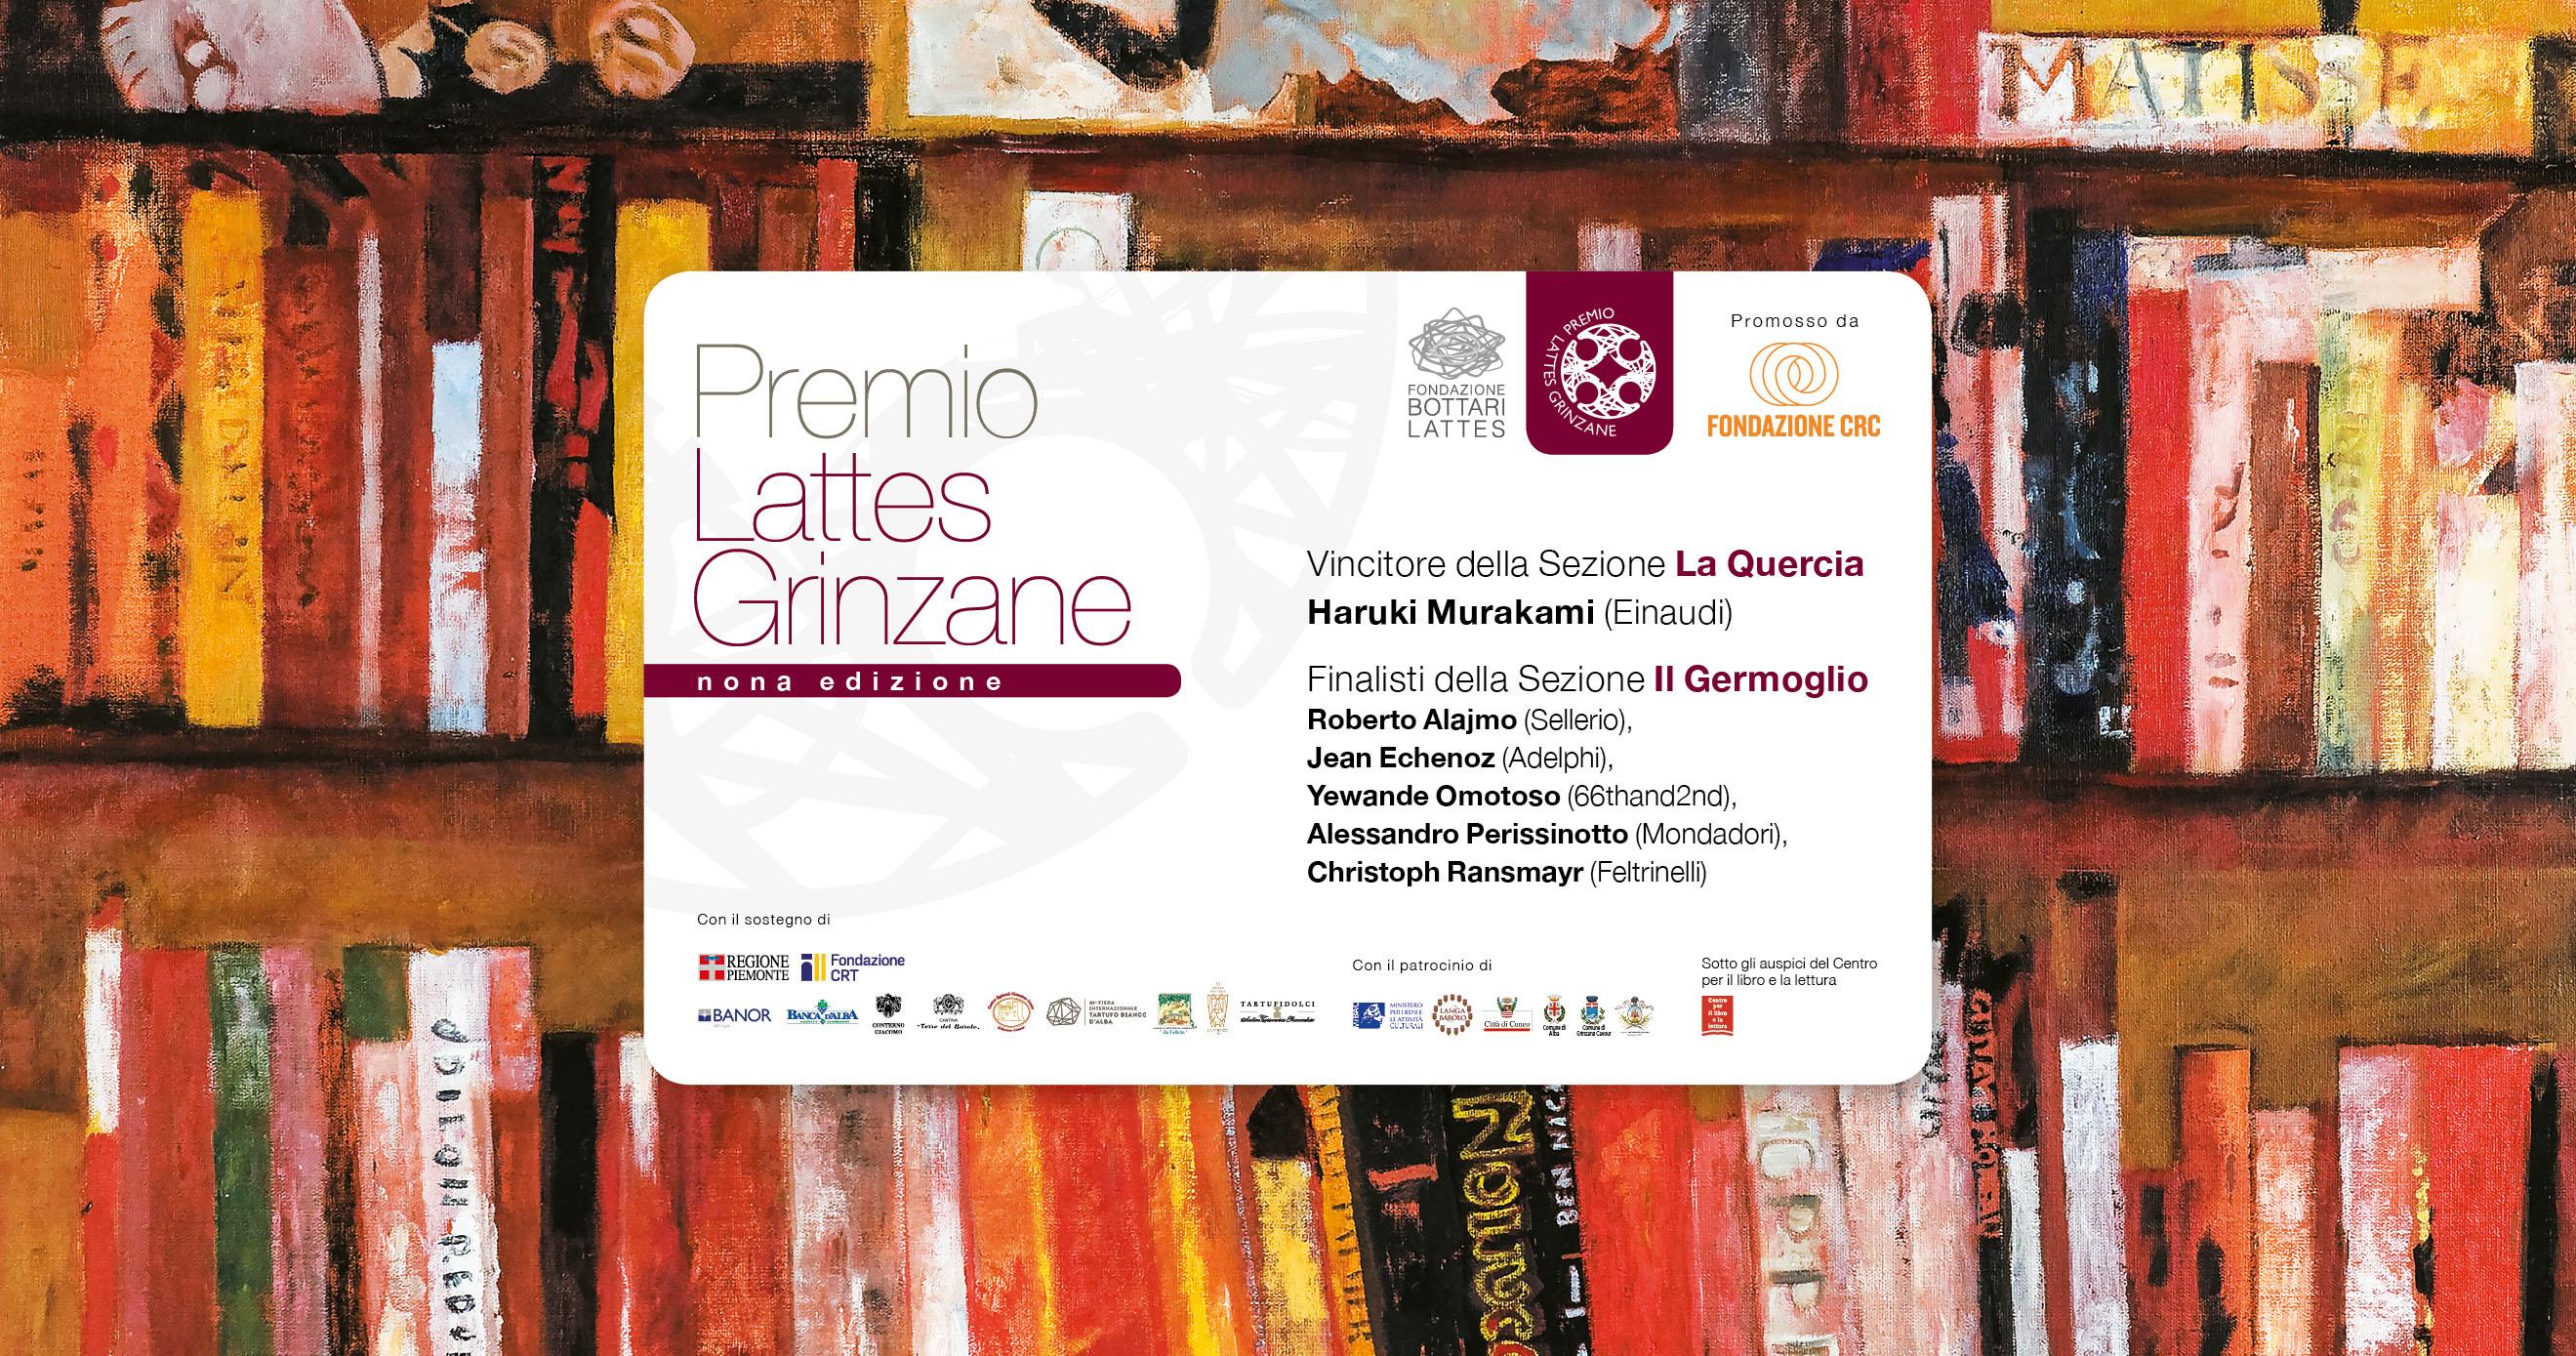 Murakami vincitore La Quercia. Alajmo, Echenoz, Omotoso, Perissinotto e Ransmayr finalisti Il Germoglio